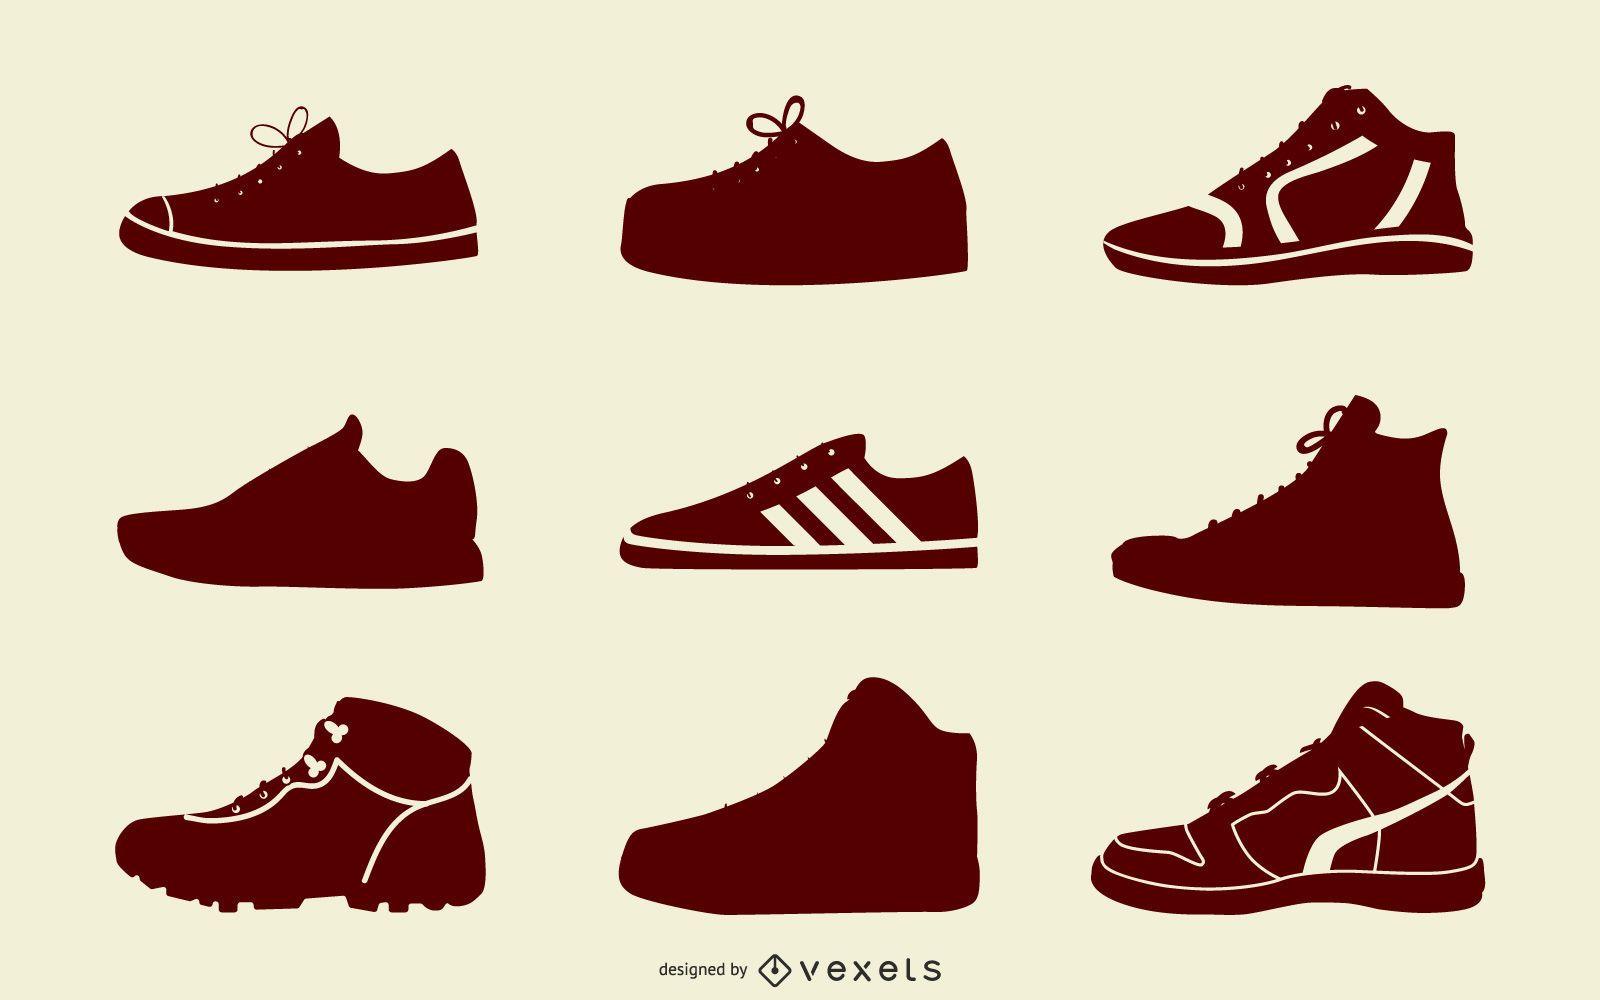 Pacote de botas esportivas preto e branco